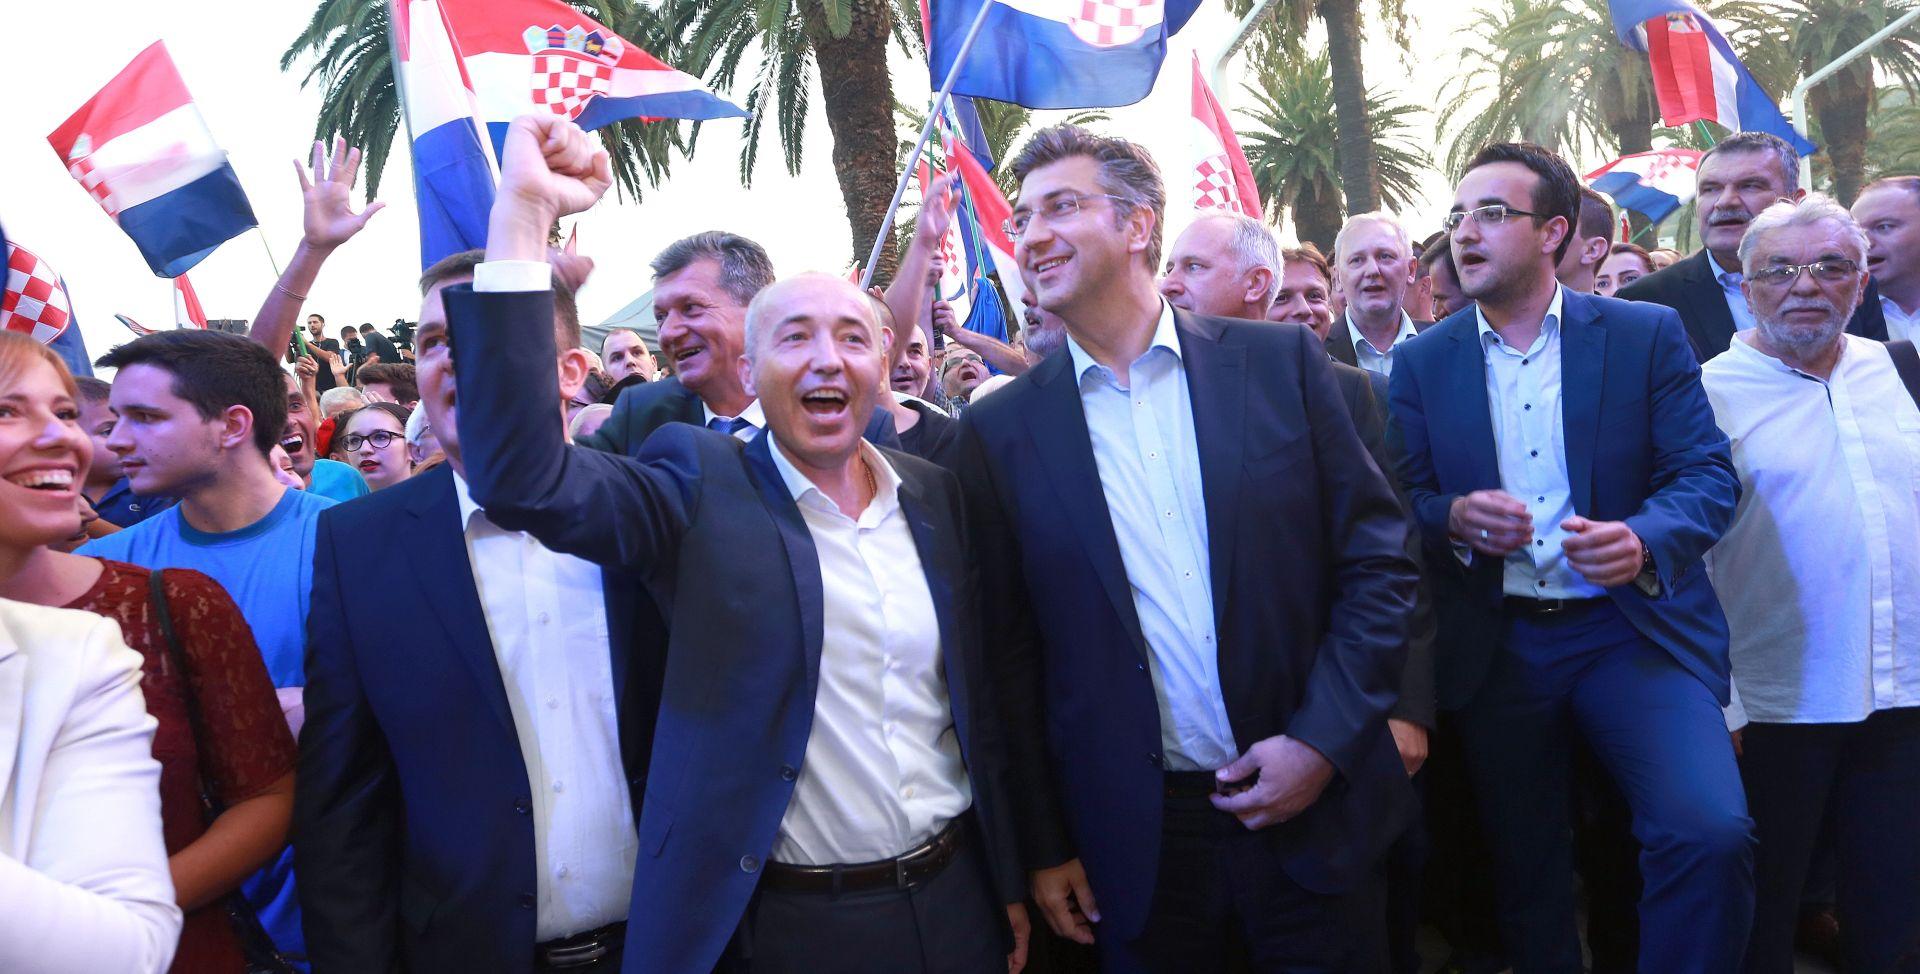 """PLENKOVIĆ """"Nije mi smetao prosvjed Torcide, demokracija podrazumijeva i slobodu prosvjeda"""""""